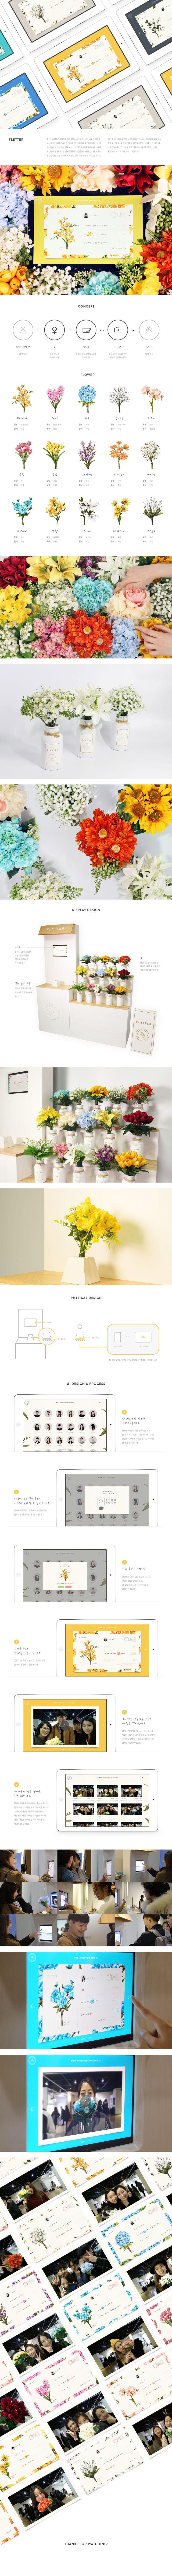 Hye-min Jung, Su-min Jo, Kyung-ae Jo l FLETTER(Floral Letter) l 2015 l Dept. of Digital Media Design